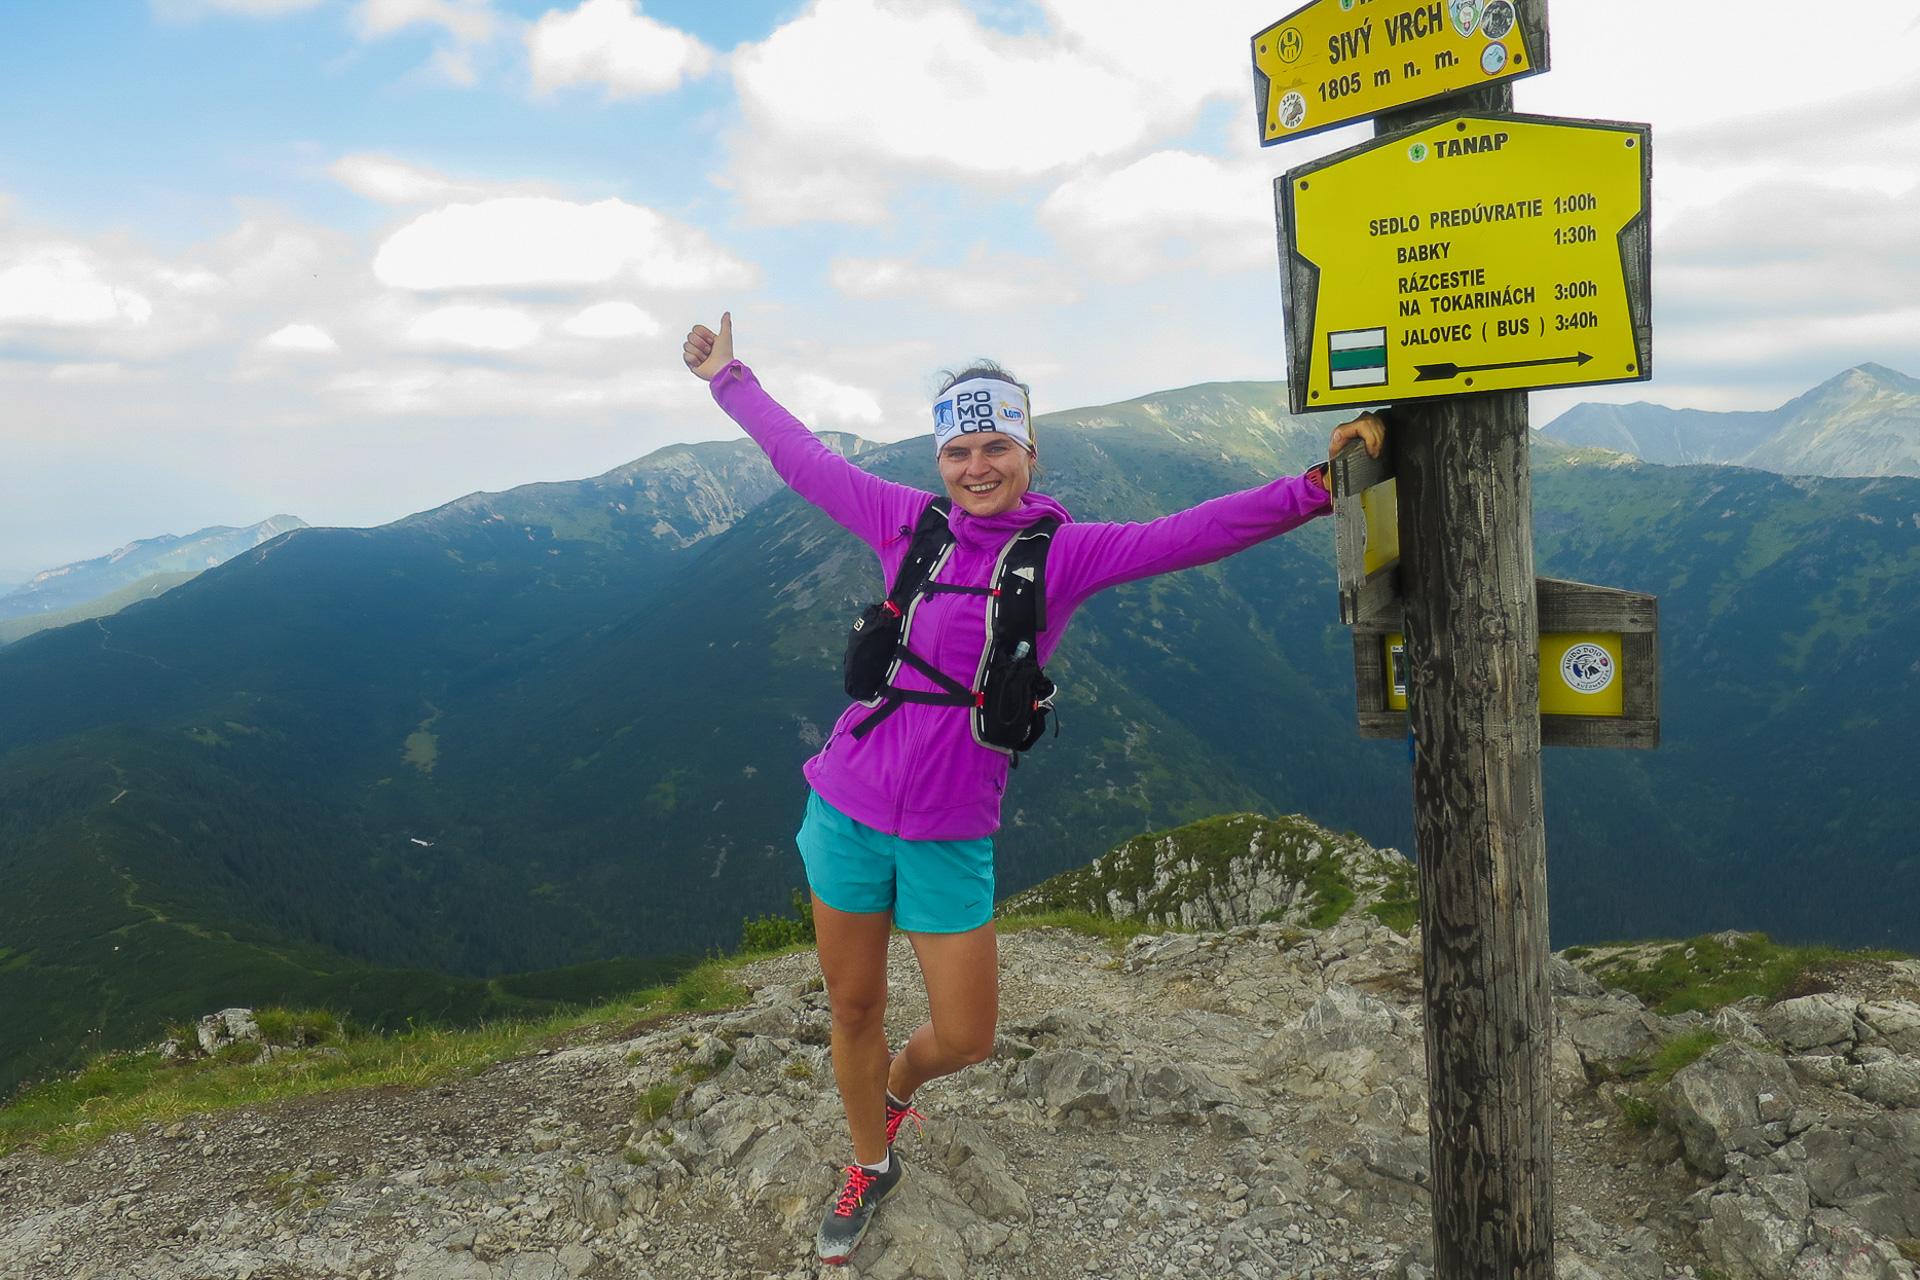 Trasa biegowa, Dolina Jałowiecka, Siwy Wierch, Tatry Zachodnie